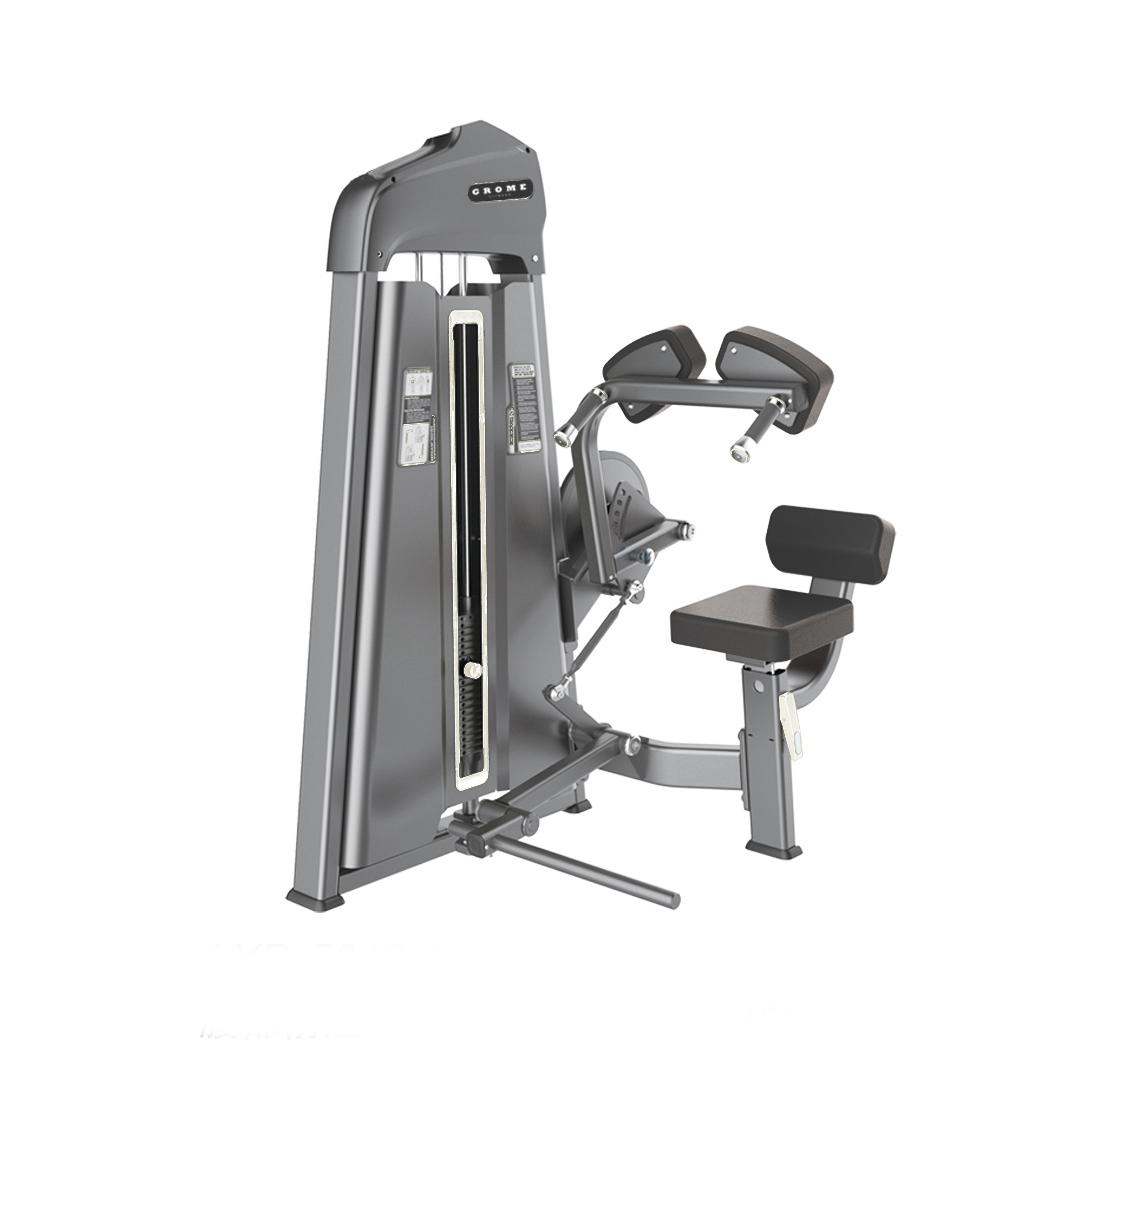 Тренажер GROME Fitness AXD5019A Пресс-машина